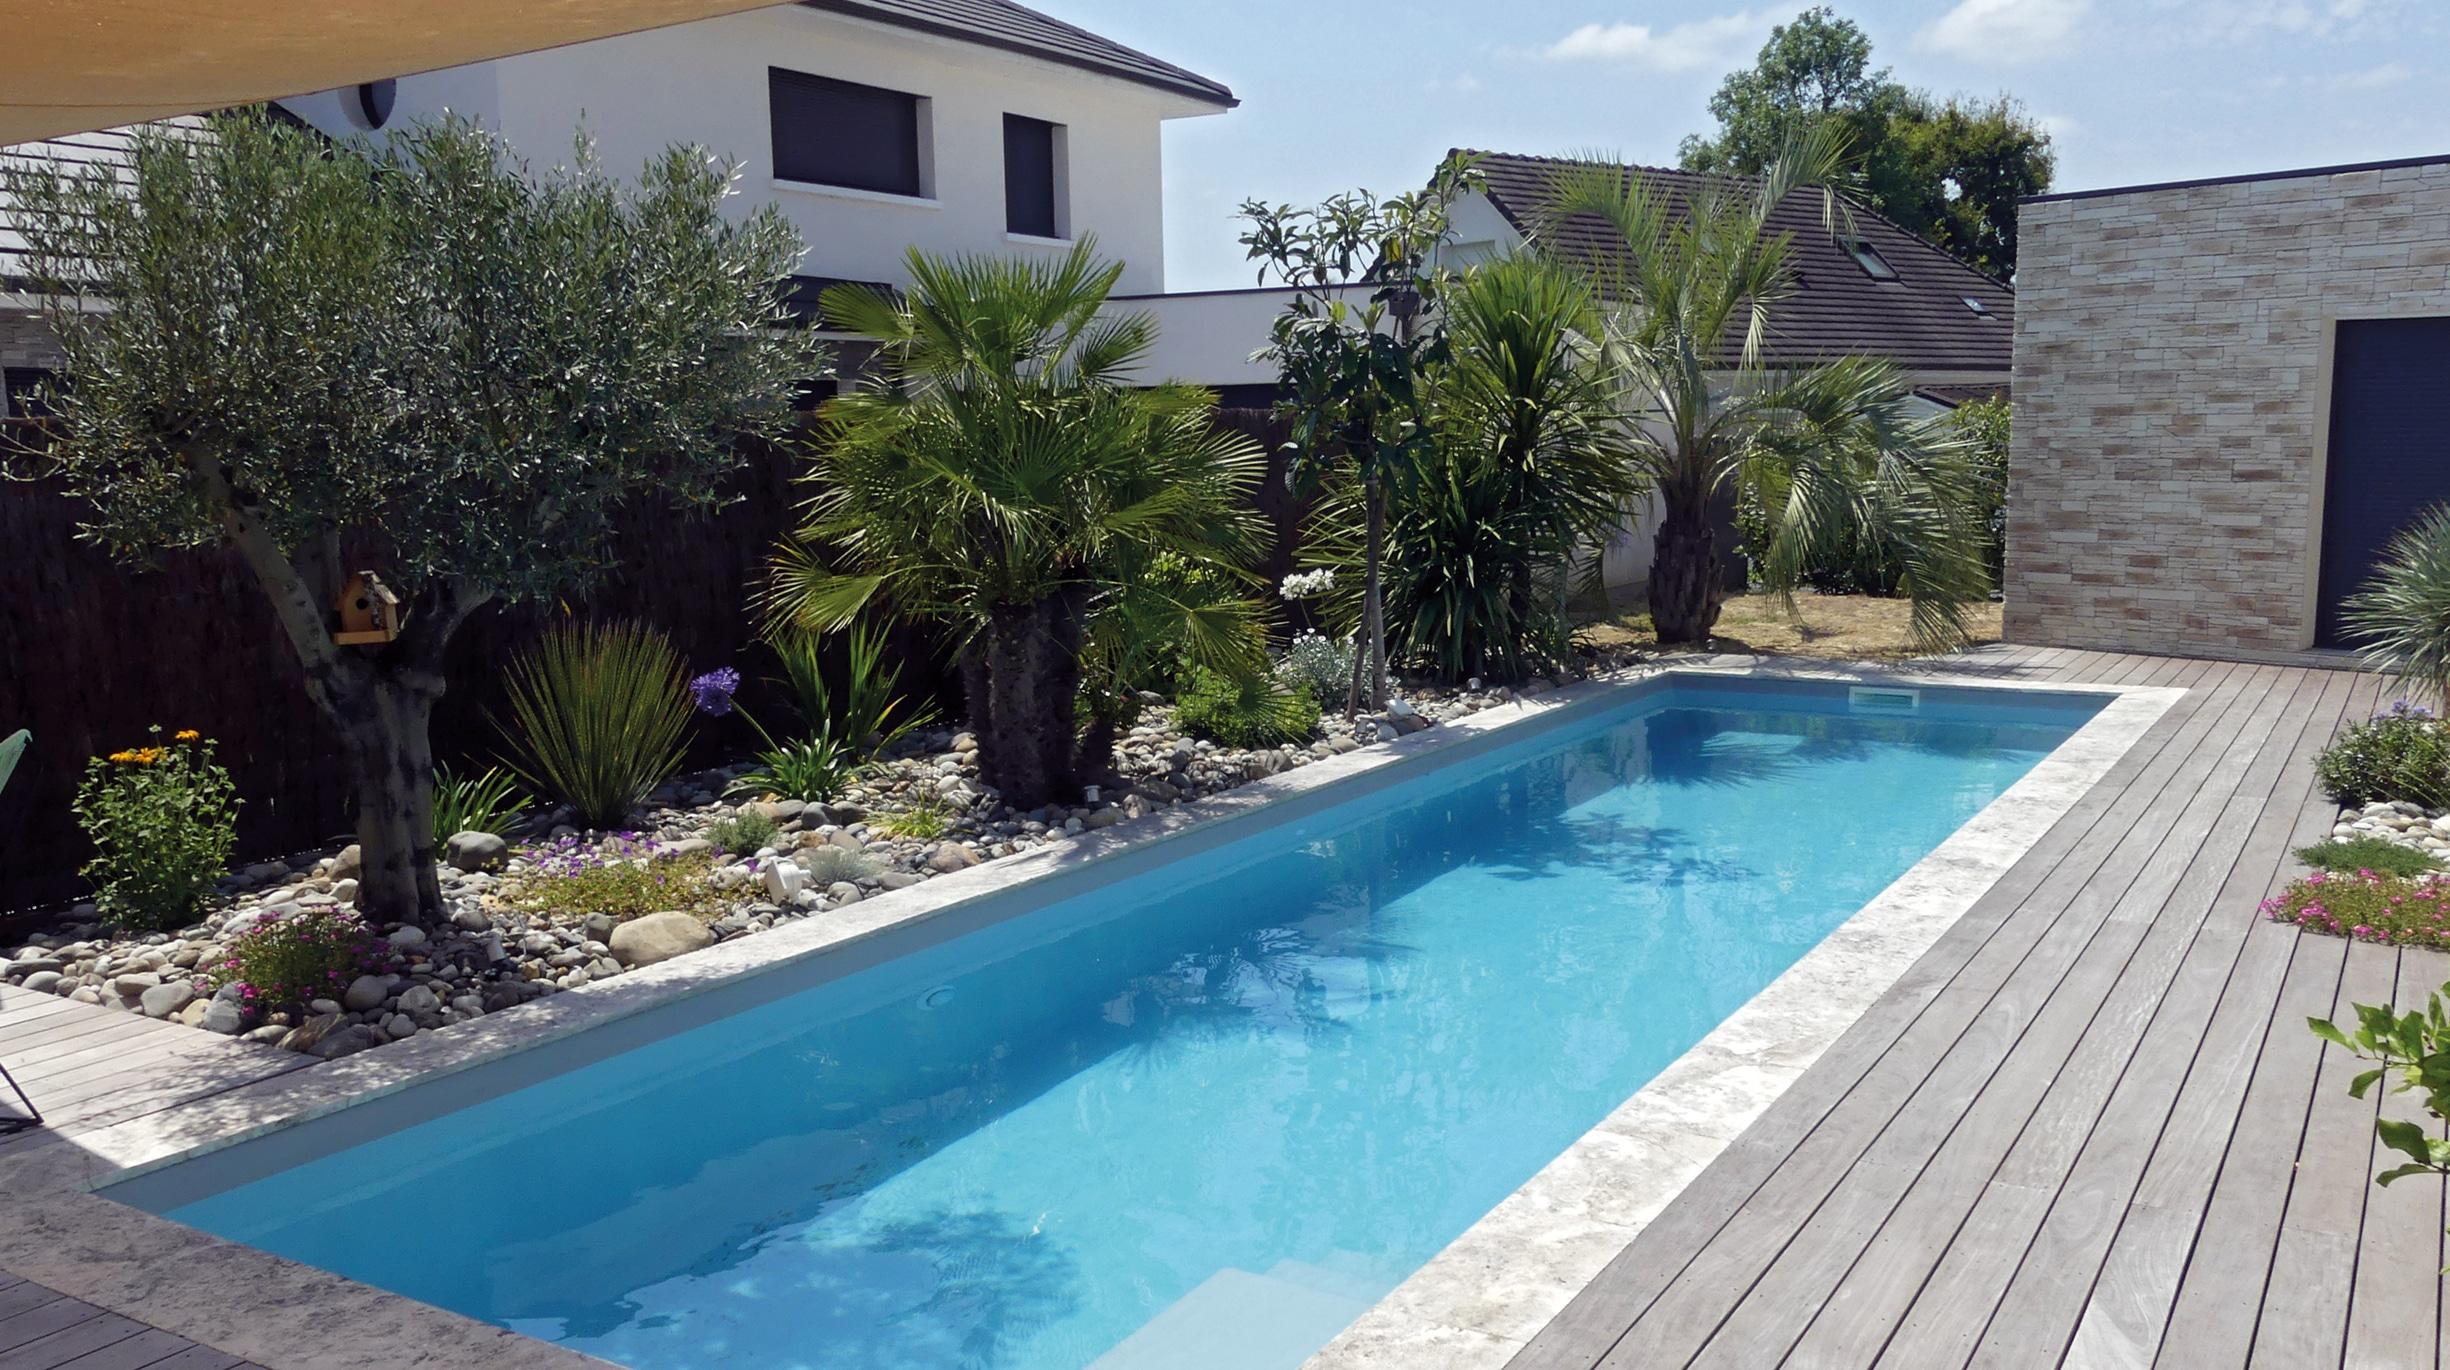 couloir-de-nage TOP 5 de nos réalisations de piscines à coques insolites